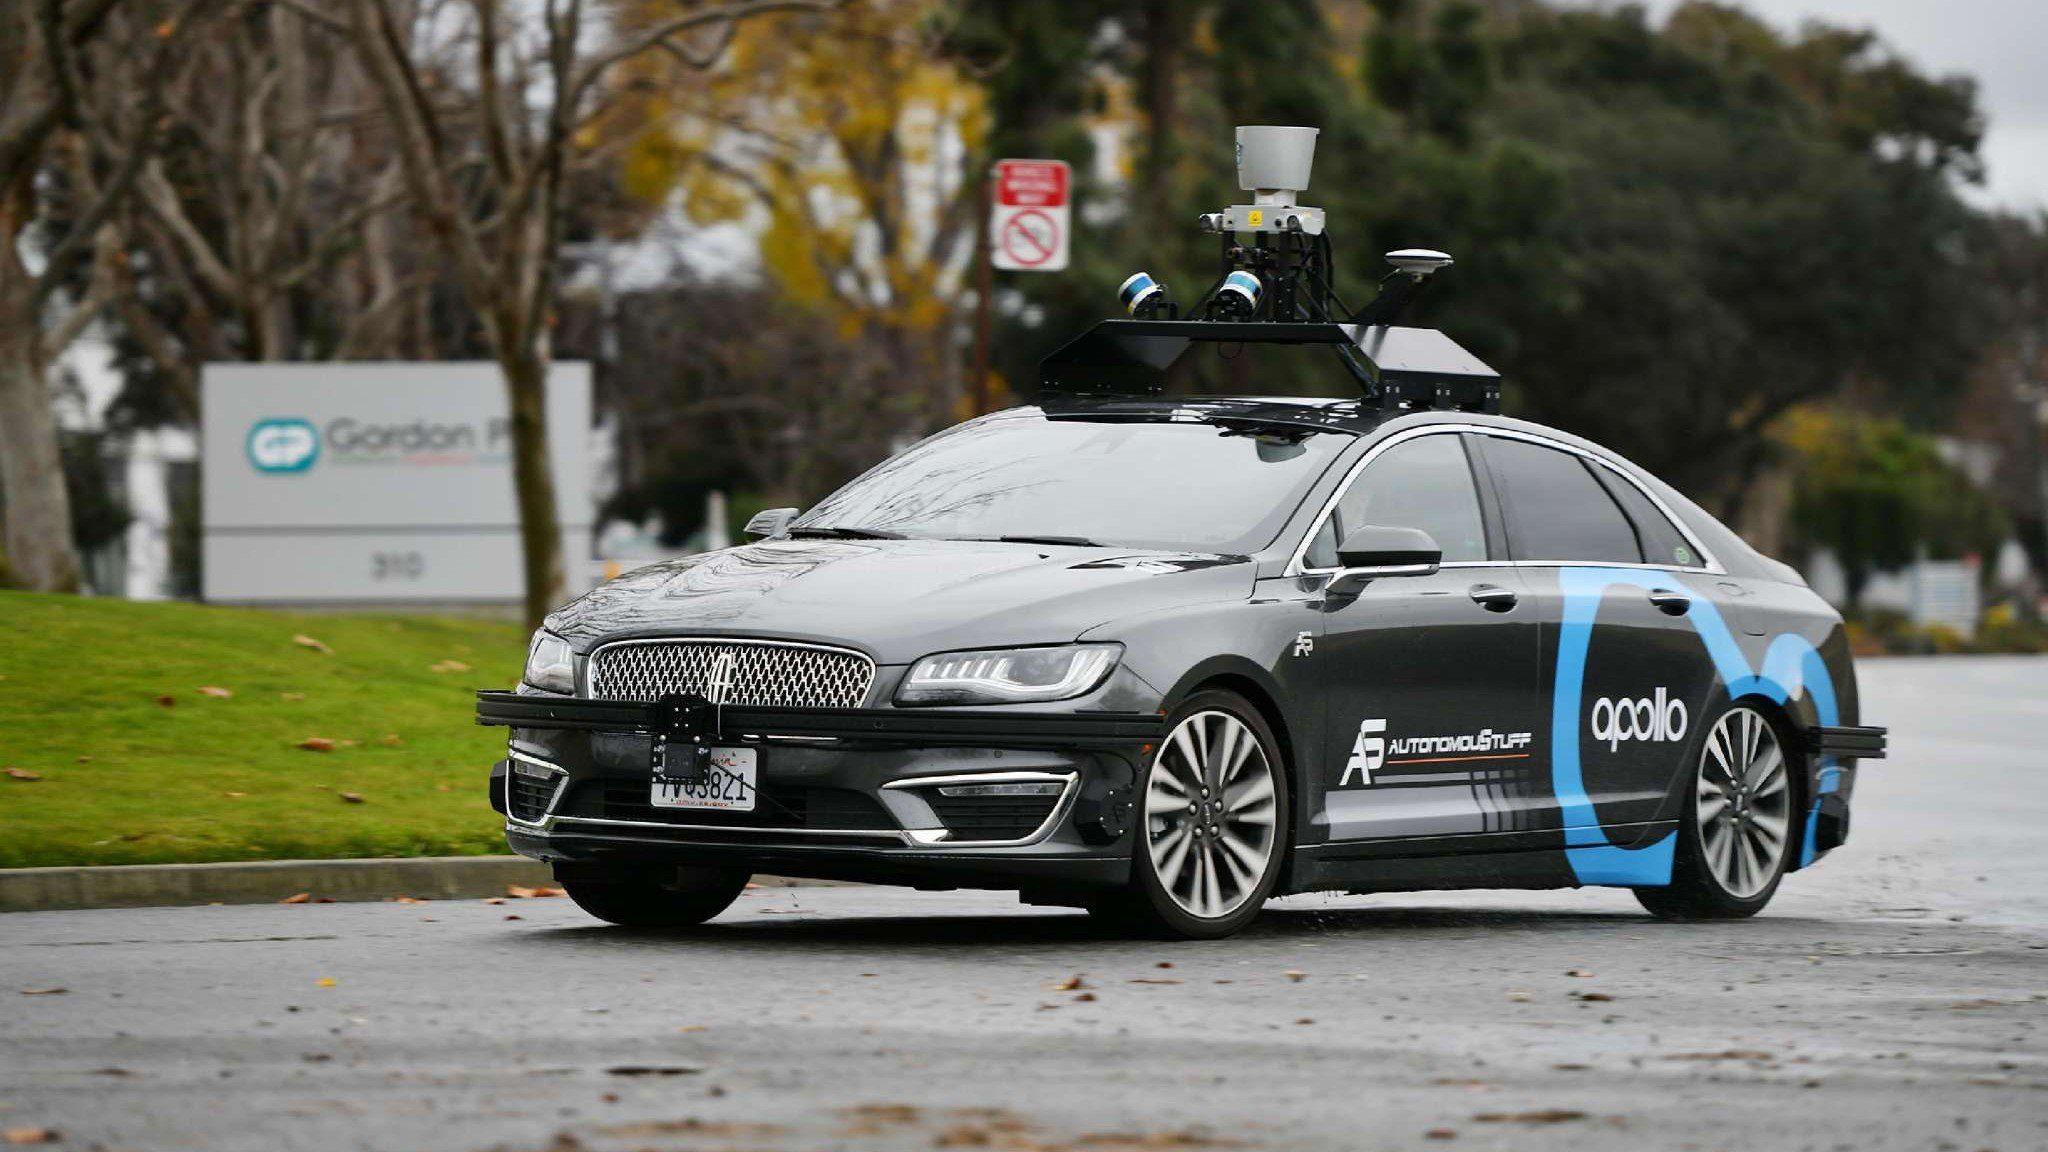 Генеральный директор Baidu раскрыл свою футуристическую концепцию автономного вождения Robocar